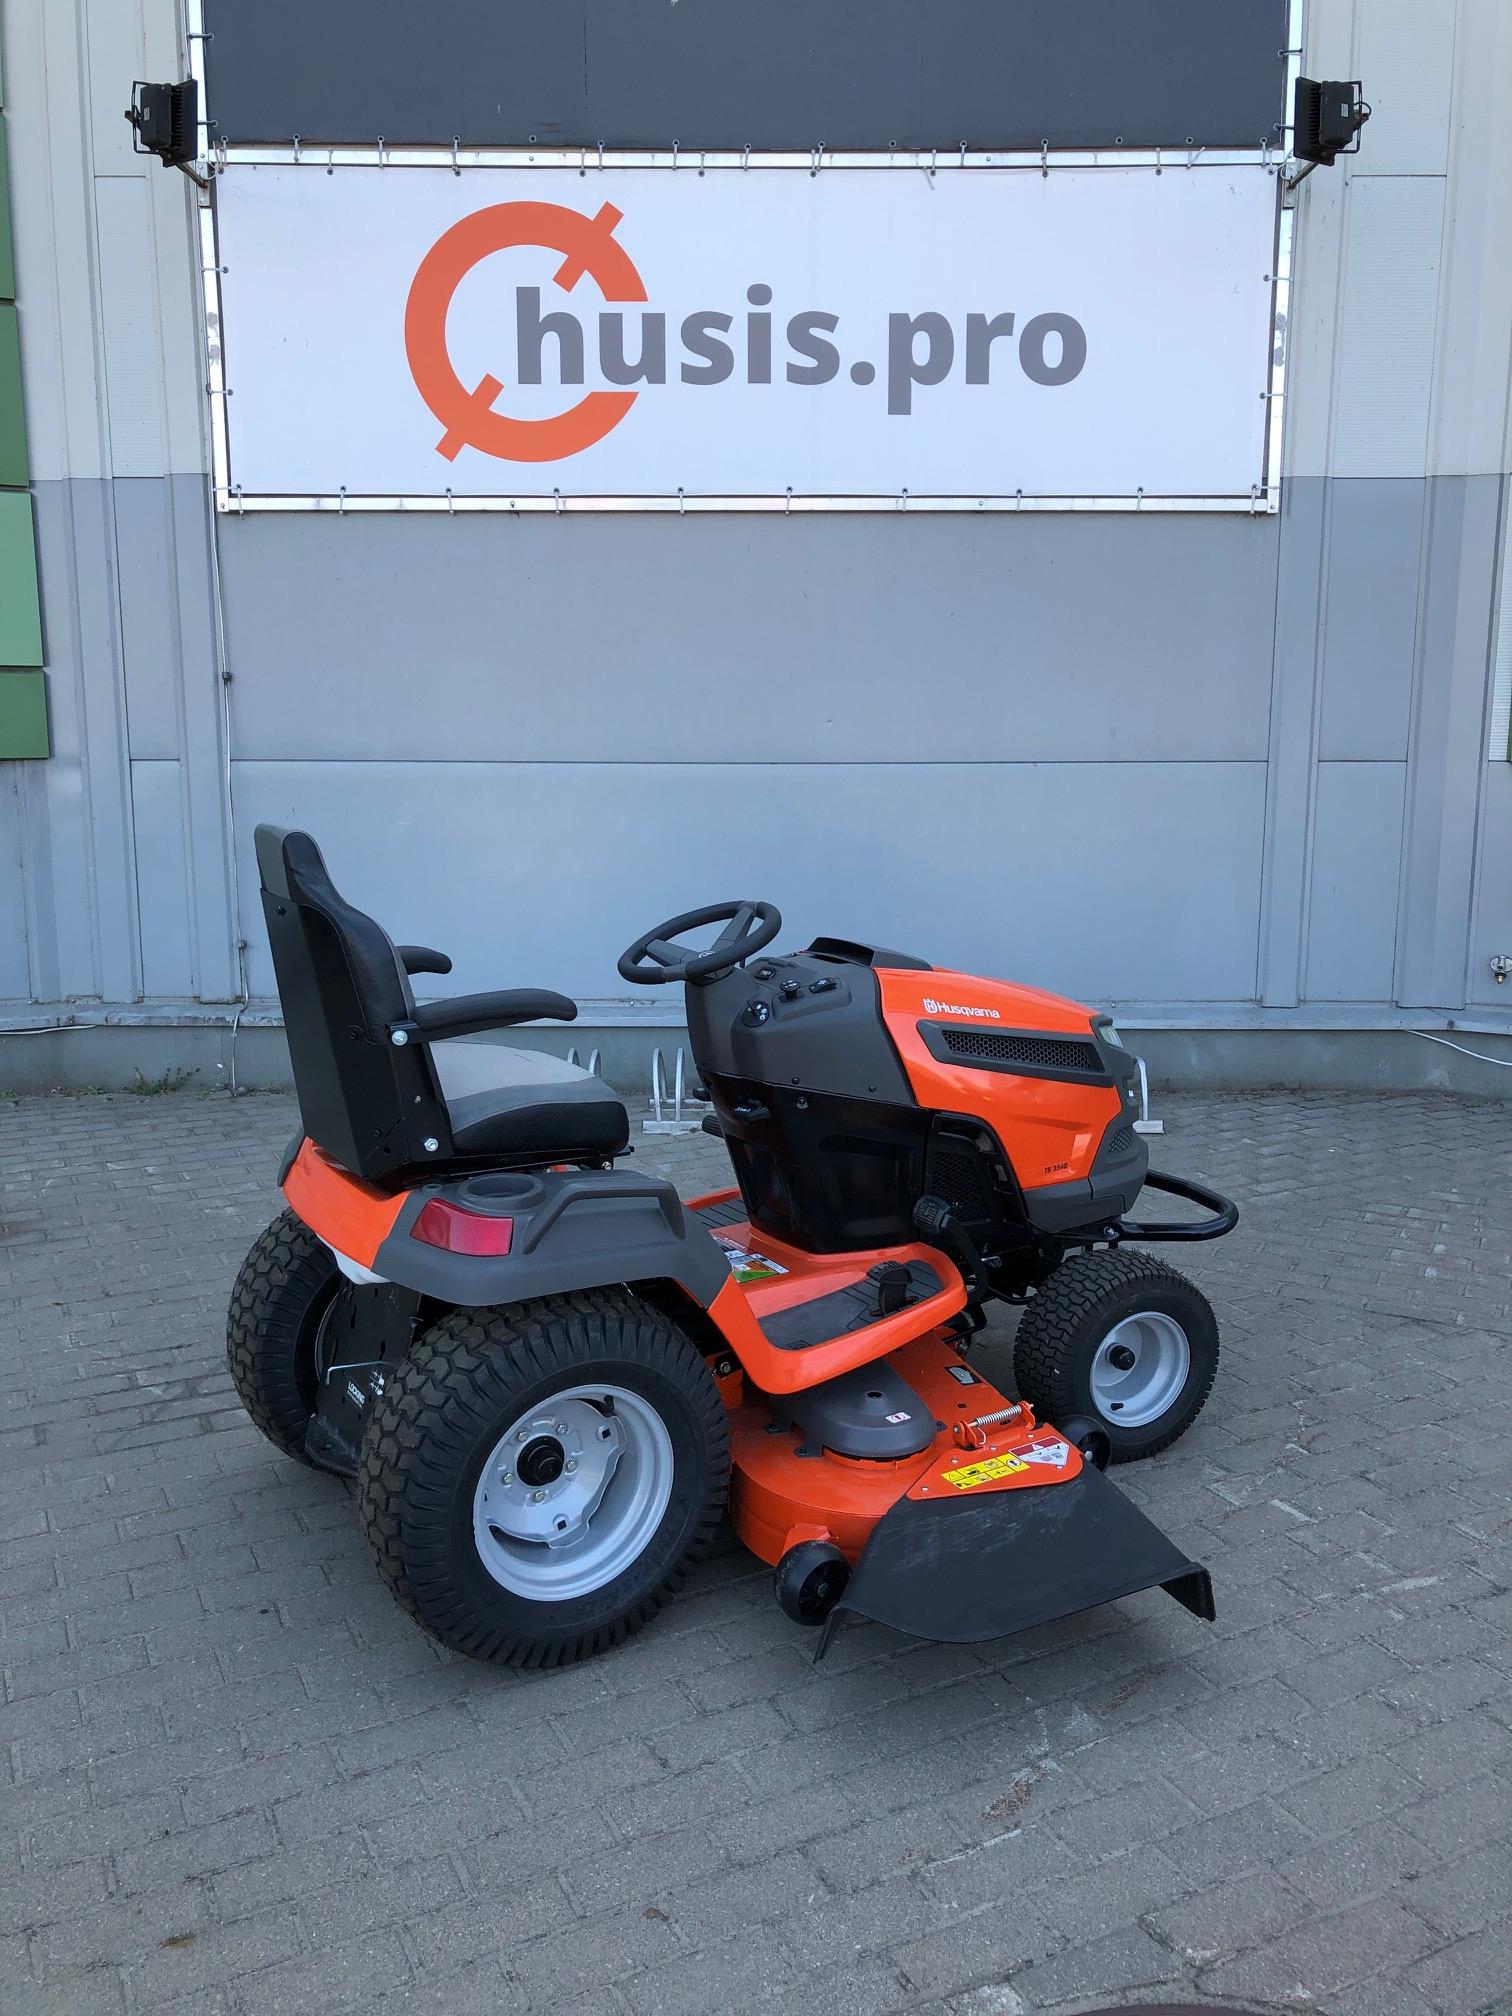 Oranžs Husqvarna dārza traktors, modelis ''TS354D'', skats no labā sāna